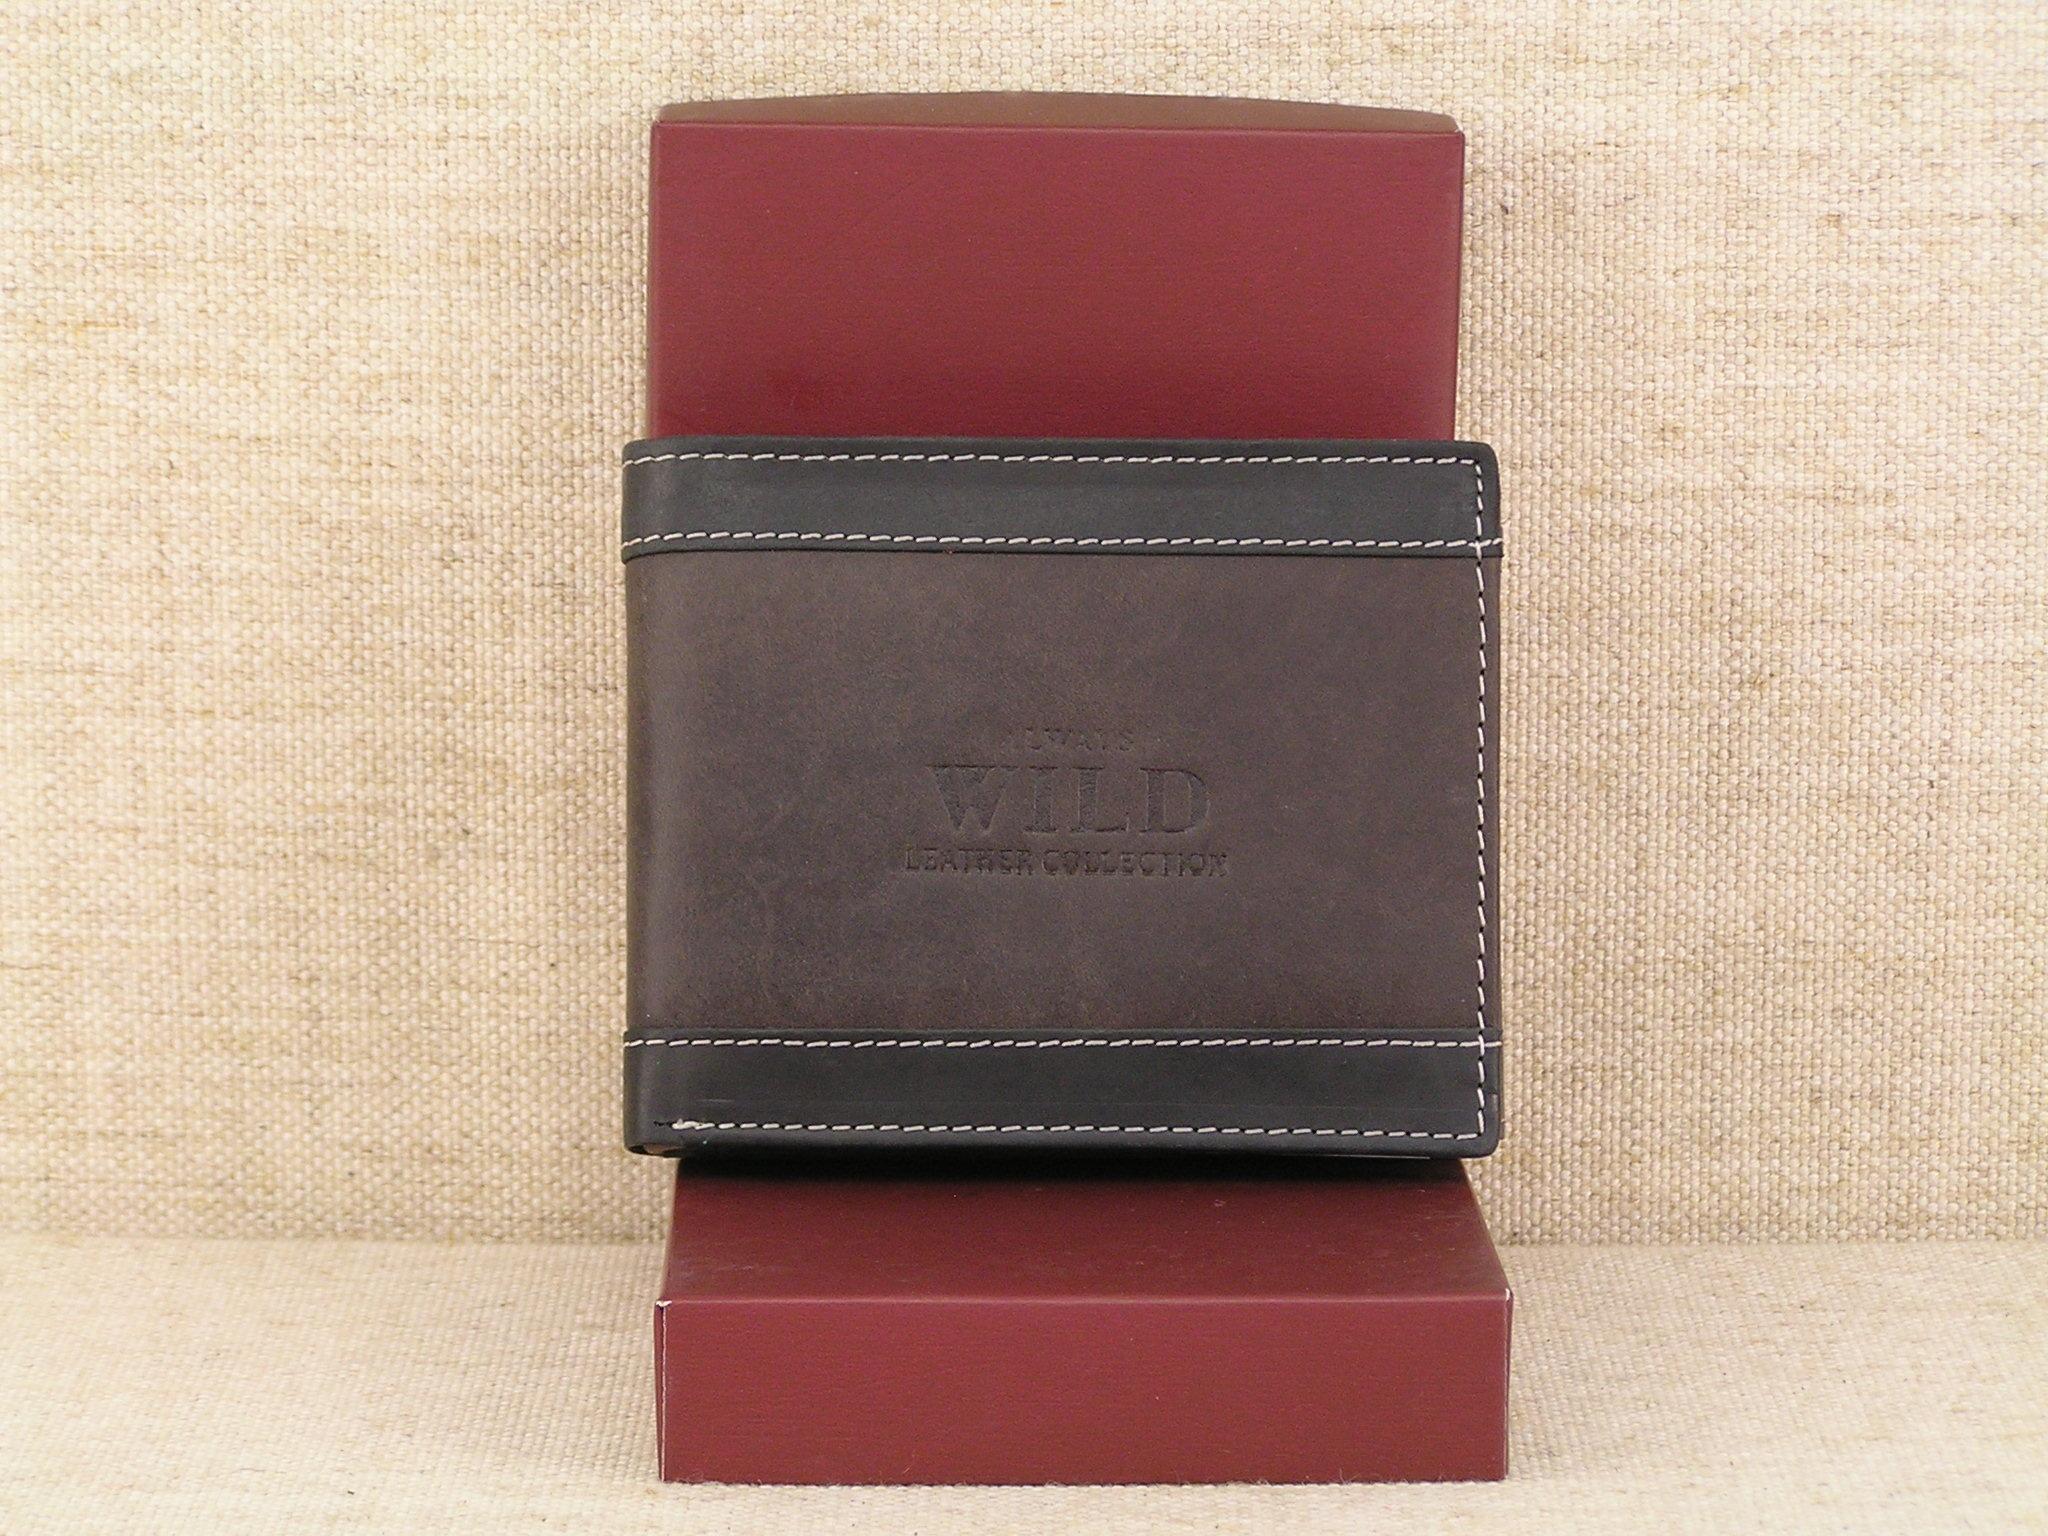 57823dffa3af6 Pánská kožená peněženka Always Wild N992 - DB hnědá - Greisi